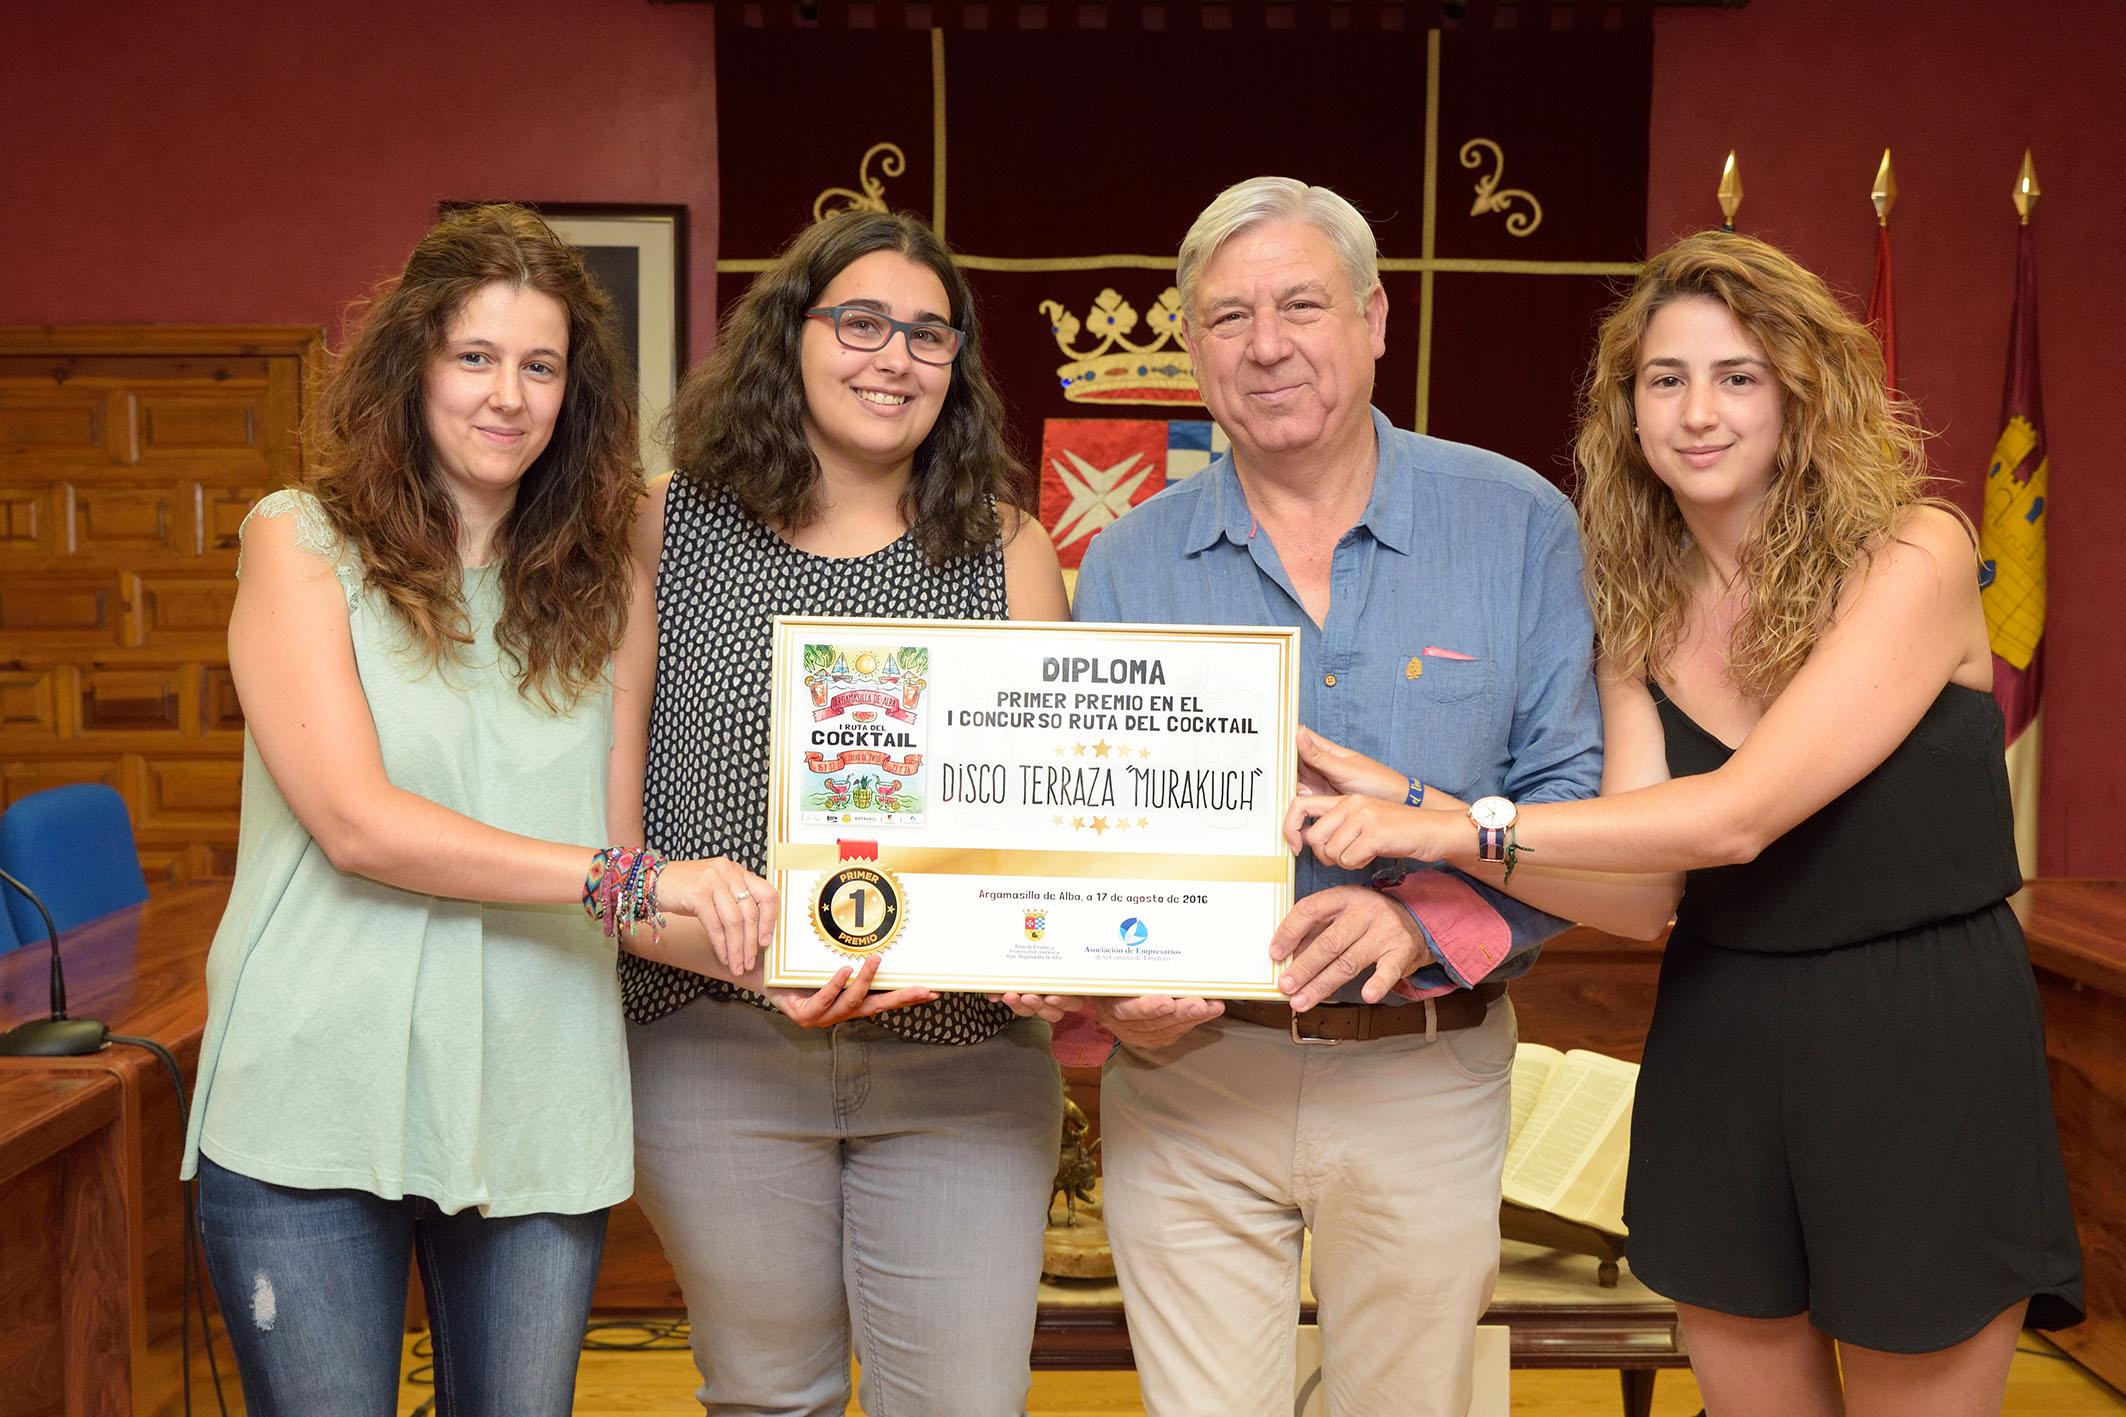 Disco Terraza Murakuch gana la primera edición del concurso Ruta del Cocktail